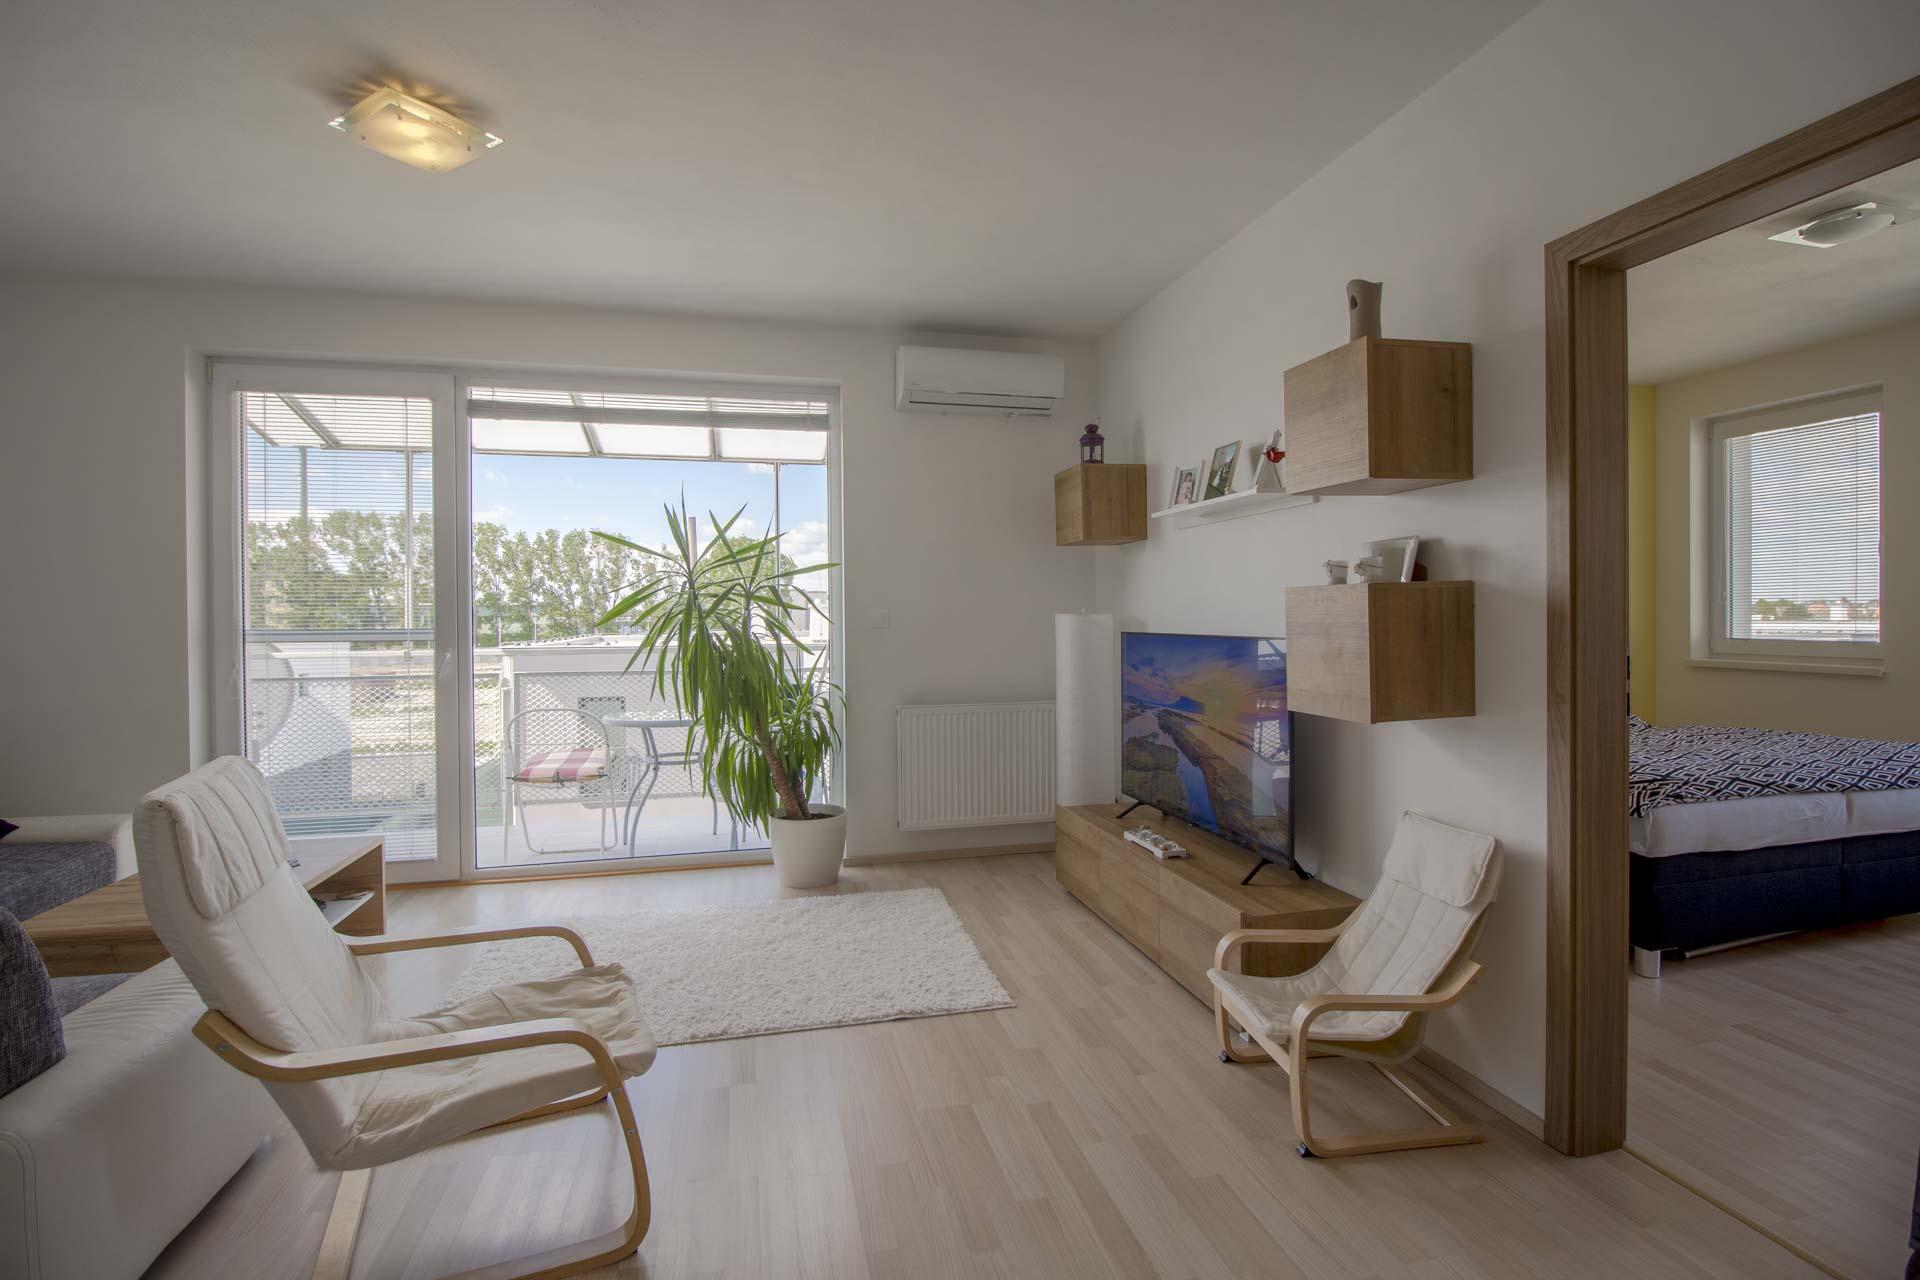 3-izbový byt, Agátová ul., Rovinka